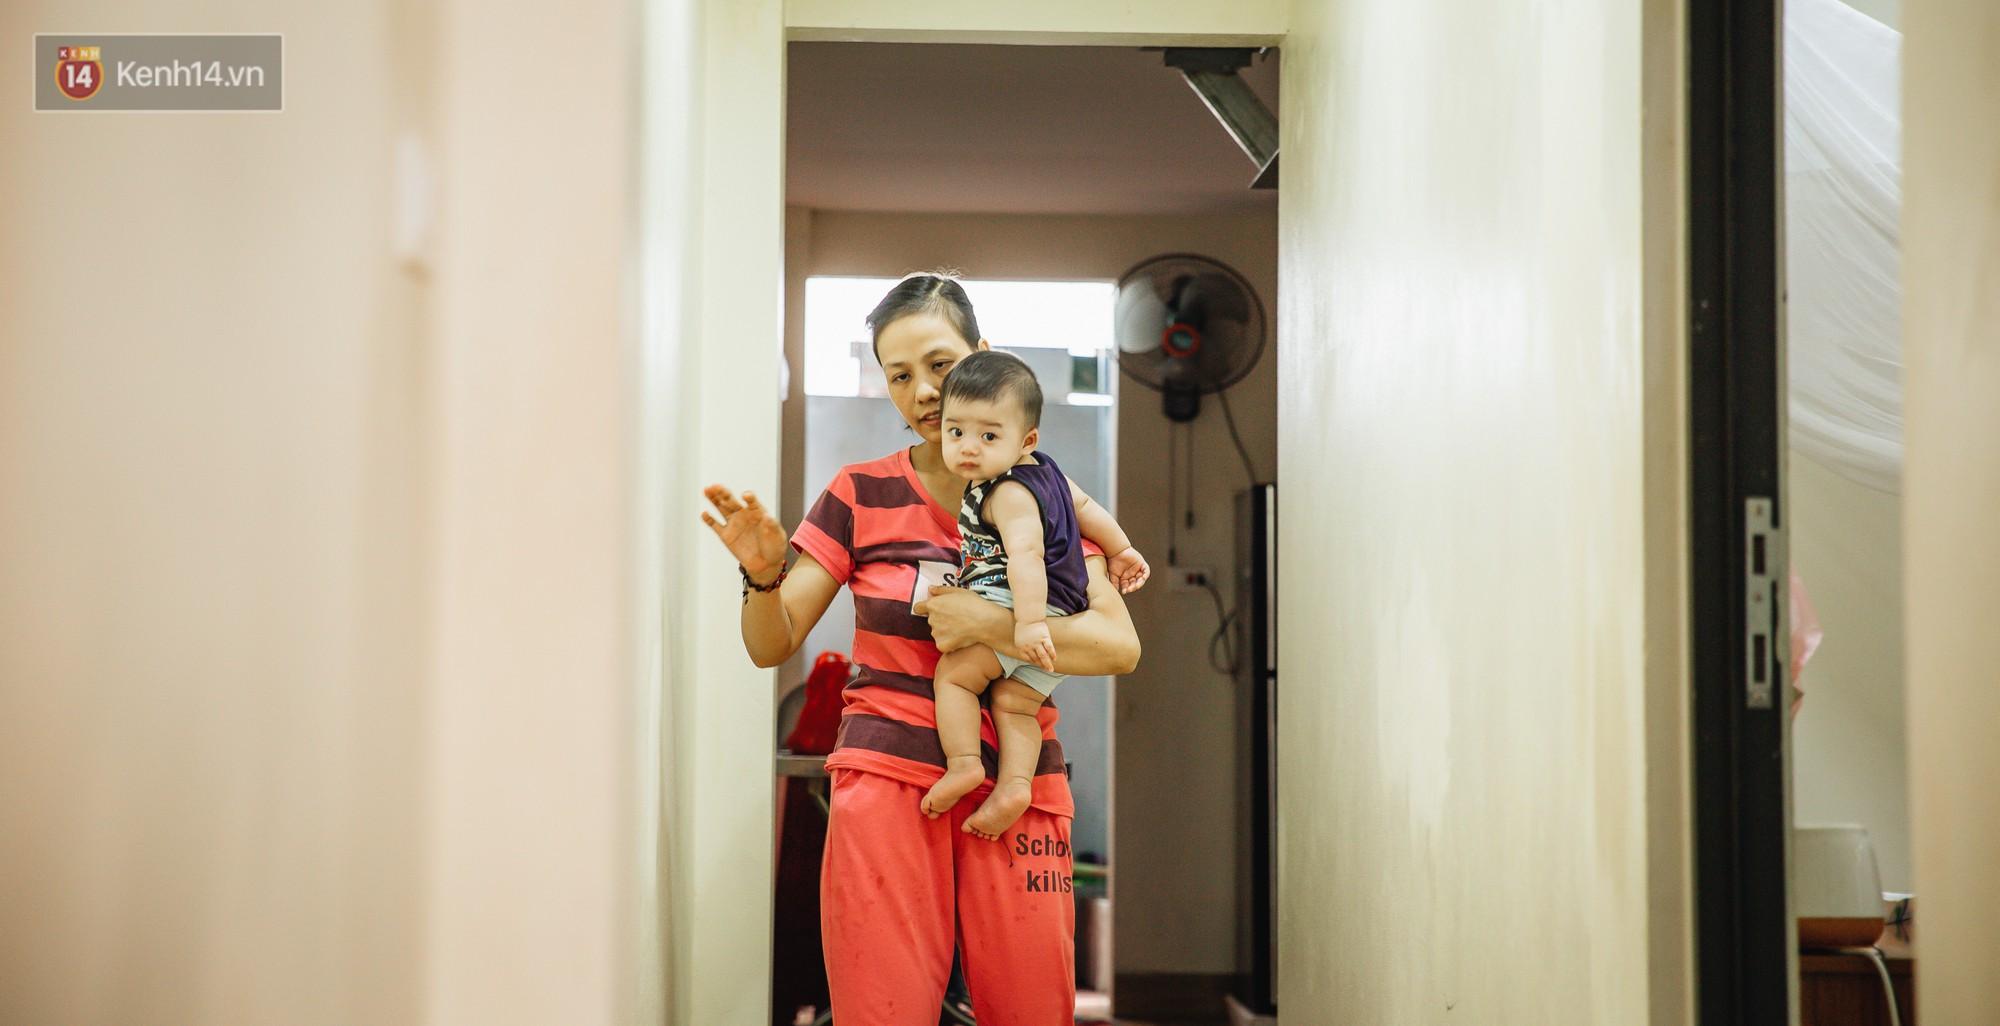 Người mẹ từ chối điều trị ung thư, chấp nhận mất đôi mắt để sinh con: Nếu có thể nhìn thấy con, tôi chẳng còn ước mơ nào lớn hơn thế - Ảnh 1.